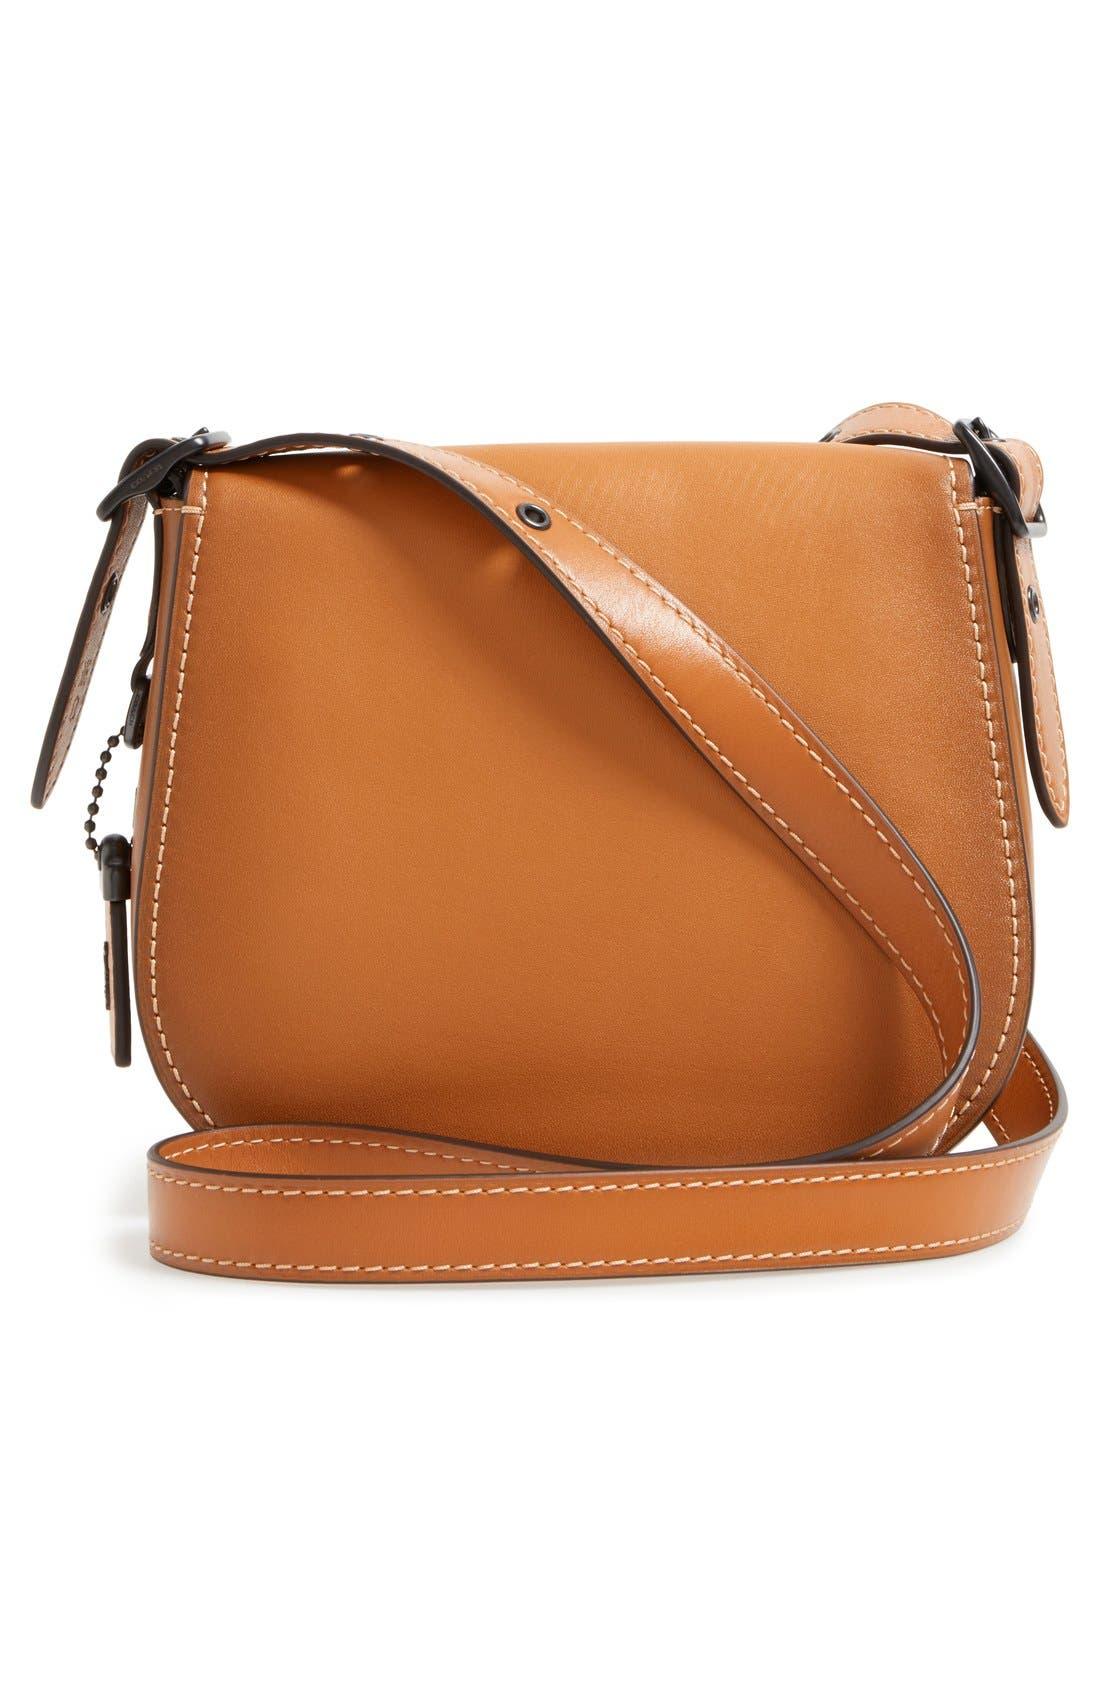 '23' Leather Saddle Bag,                             Alternate thumbnail 3, color,                             Butterscotch